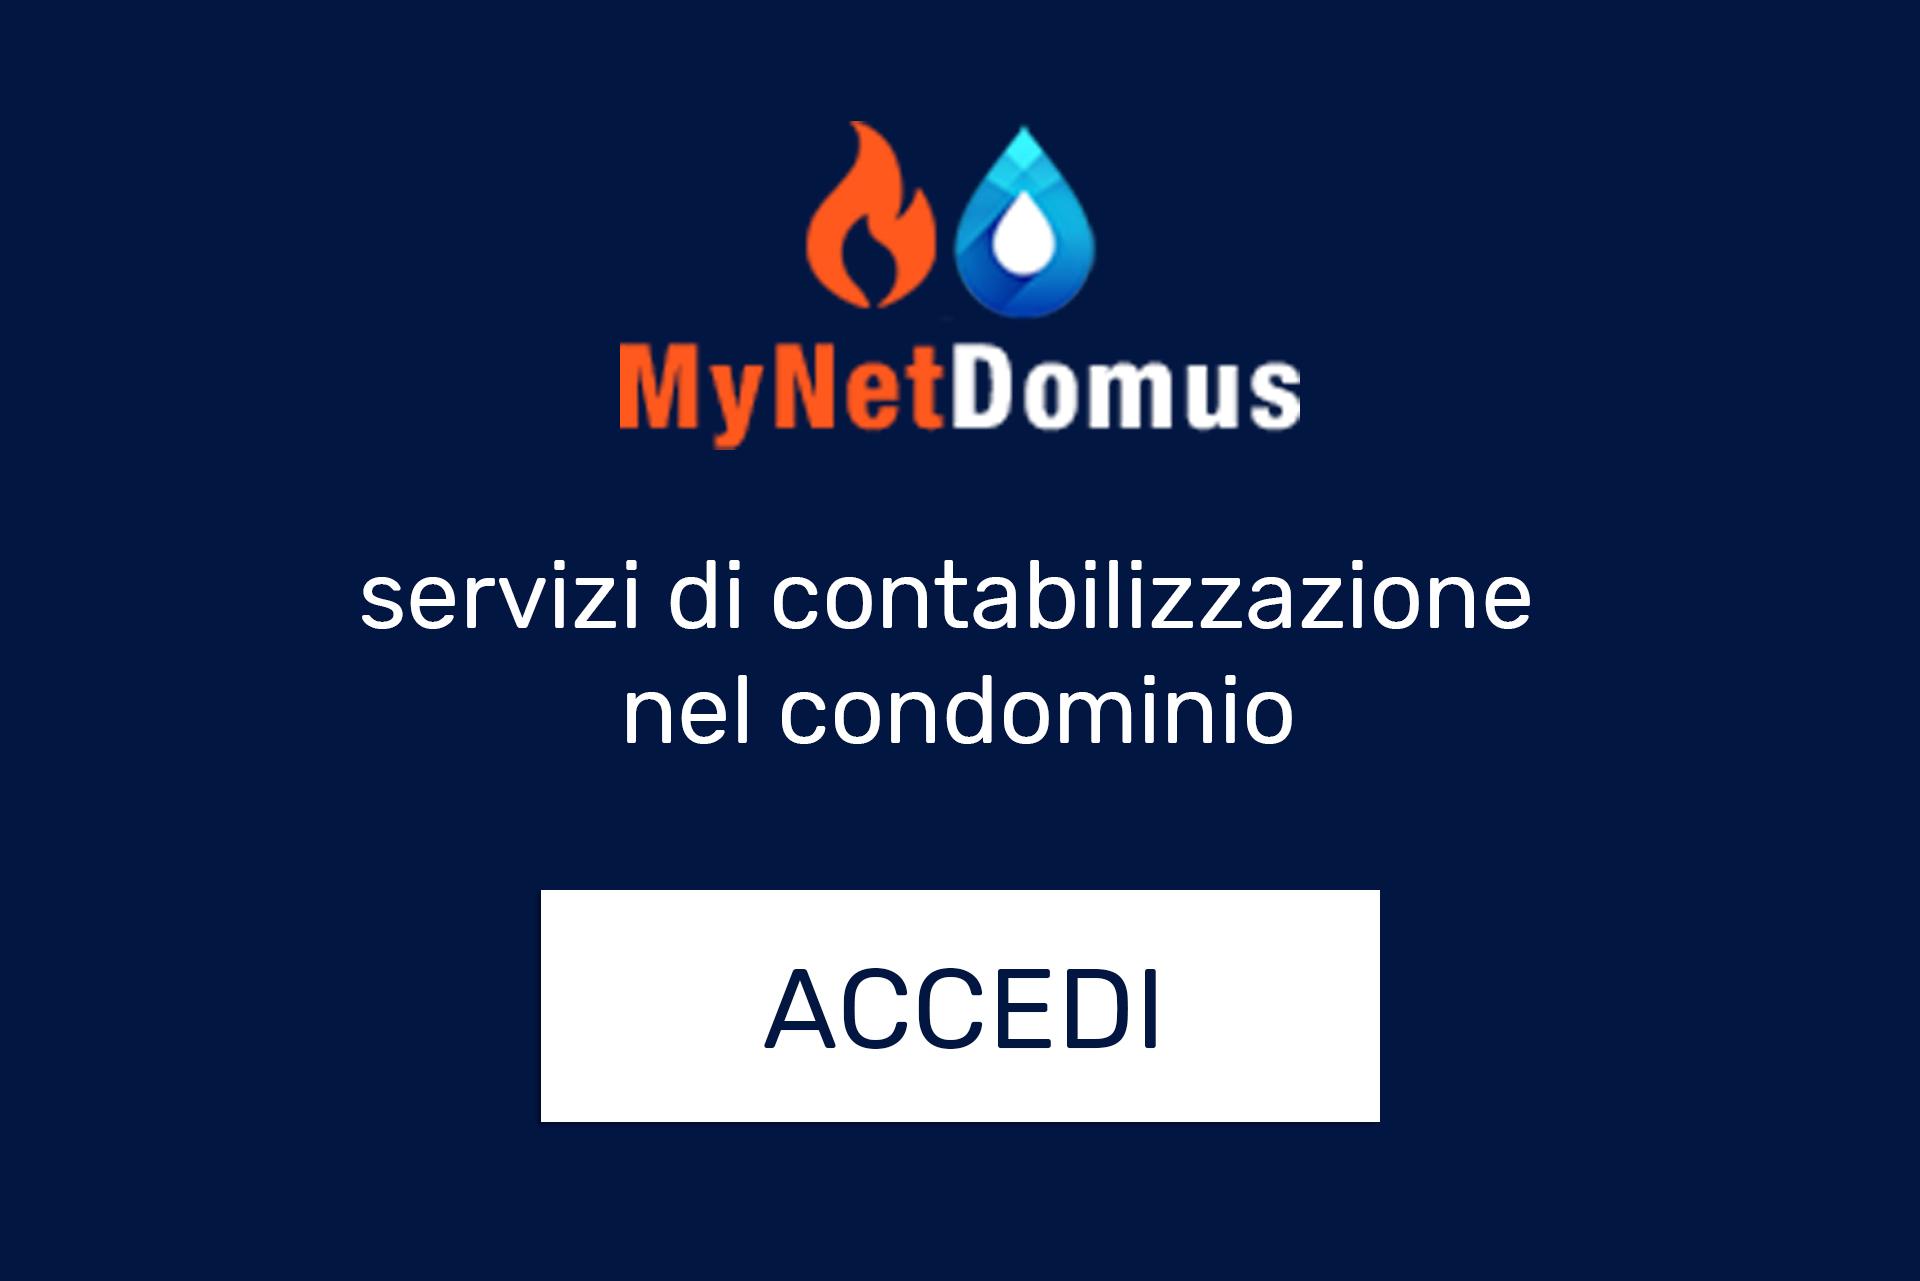 mynetdomus